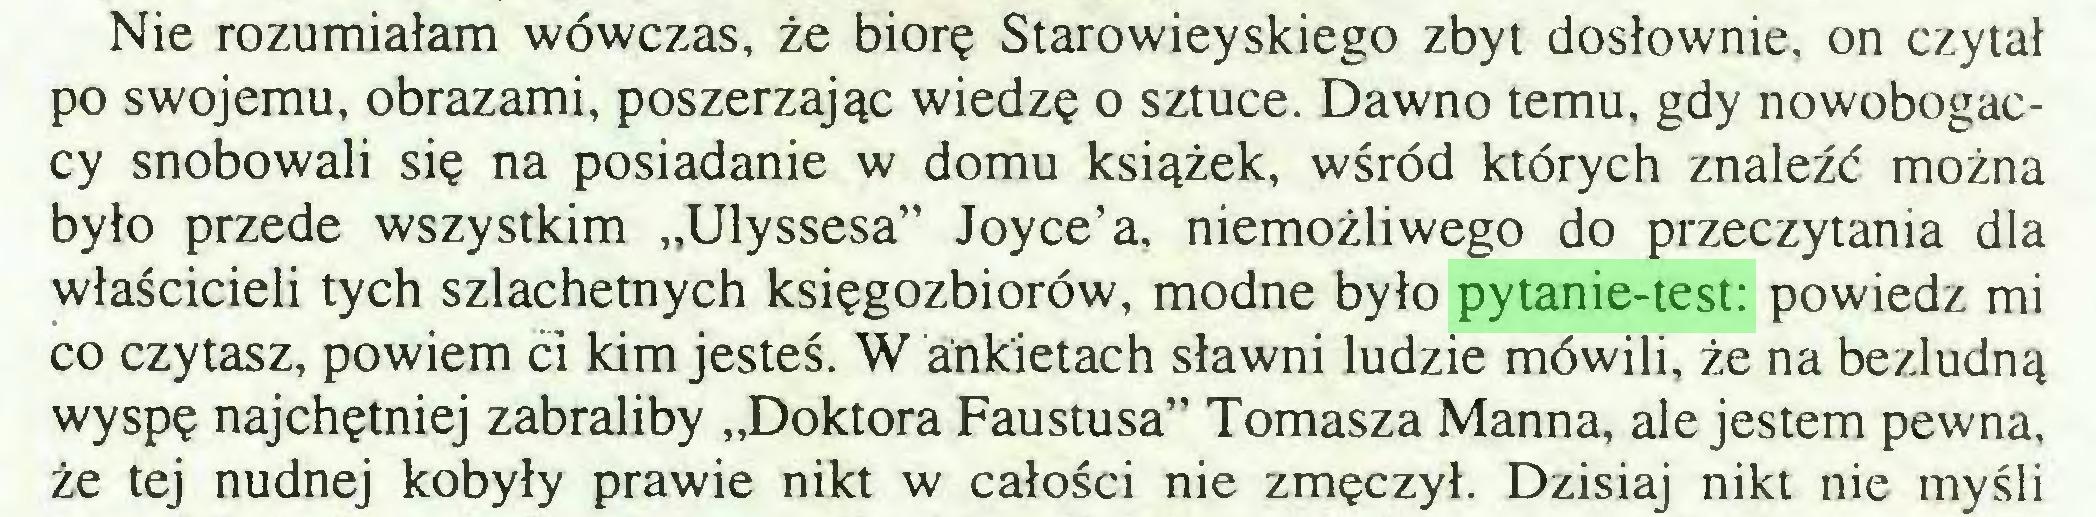 """(...) Nie rozumiałam wówczas, że biorę Starowieyskiego zbyt dosłownie, on czytał po swojemu, obrazami, poszerzając wiedzę o sztuce. Dawno temu, gdy nowobogaccy snobowali się na posiadanie w domu książek, wśród których znaleźć można było przede wszystkim """"Ulyssesa"""" Joyce'a, niemożliwego do przeczytania dla właścicieli tych szlachetnych księgozbiorów, modne było pytanie-test: powiedz mi co czytasz, powiem ći kim jesteś. W ankietach sławni ludzie mówili, że na bezludną wyspę najchętniej zabraliby """"Doktora Faustusa"""" Tomasza Manna, ale jestem pewna, że tej nudnej kobyły prawie nikt w całości nie zmęczył. Dzisiaj nikt nie myśli..."""